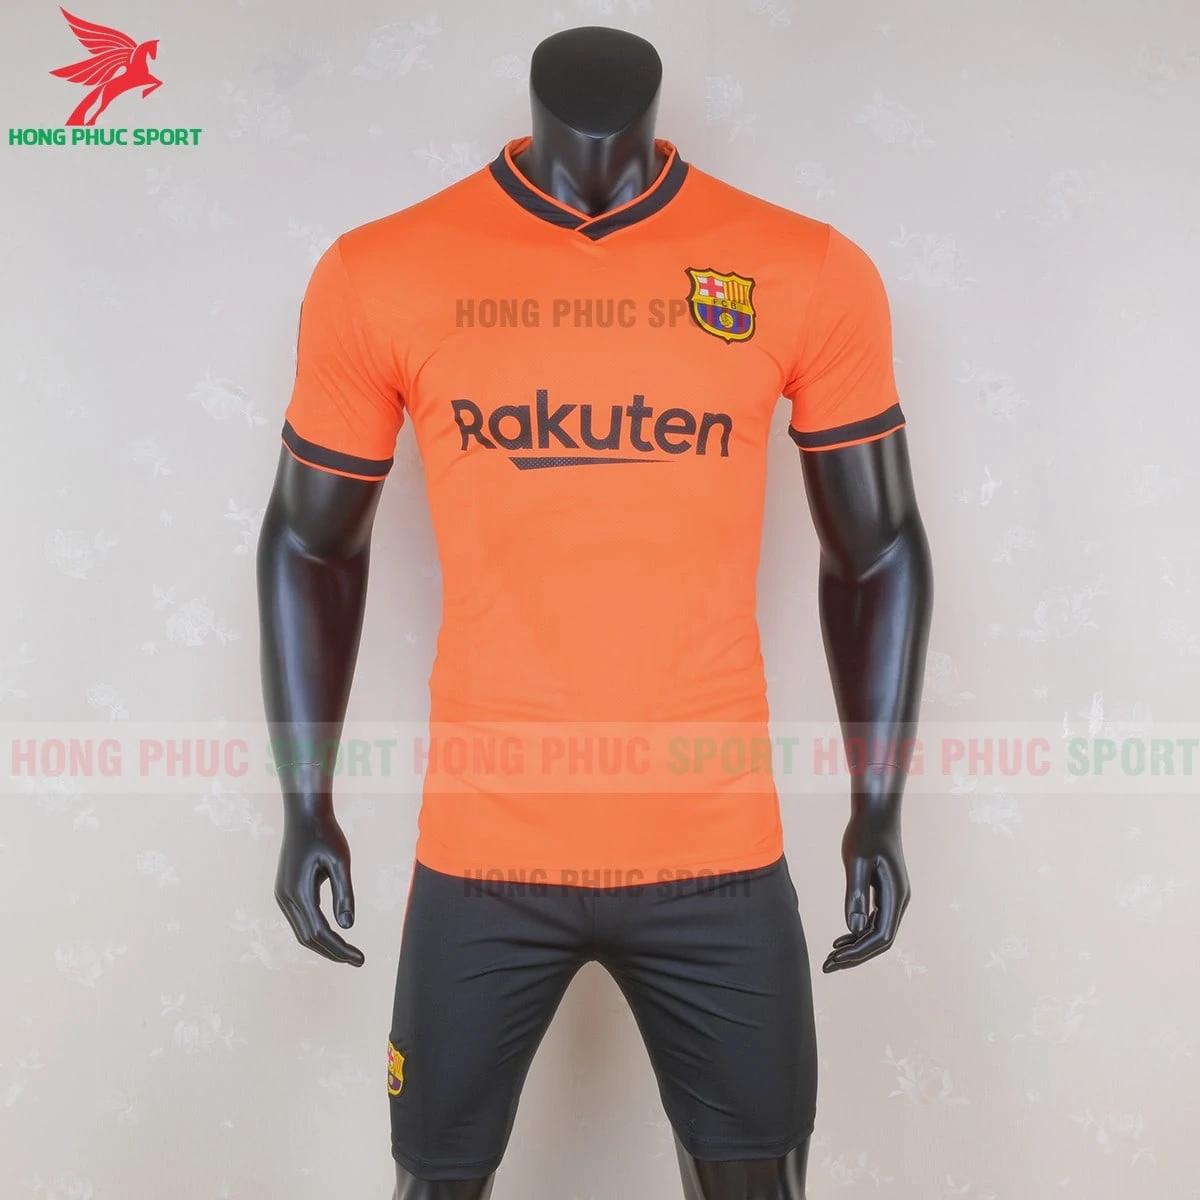 https://cdn.hongphucsport.com/unsafe/s4.shopbay.vn/files/285/ao-barcelona-2020-2021-fan-mau-cam-1-5f730fa1c2558.png